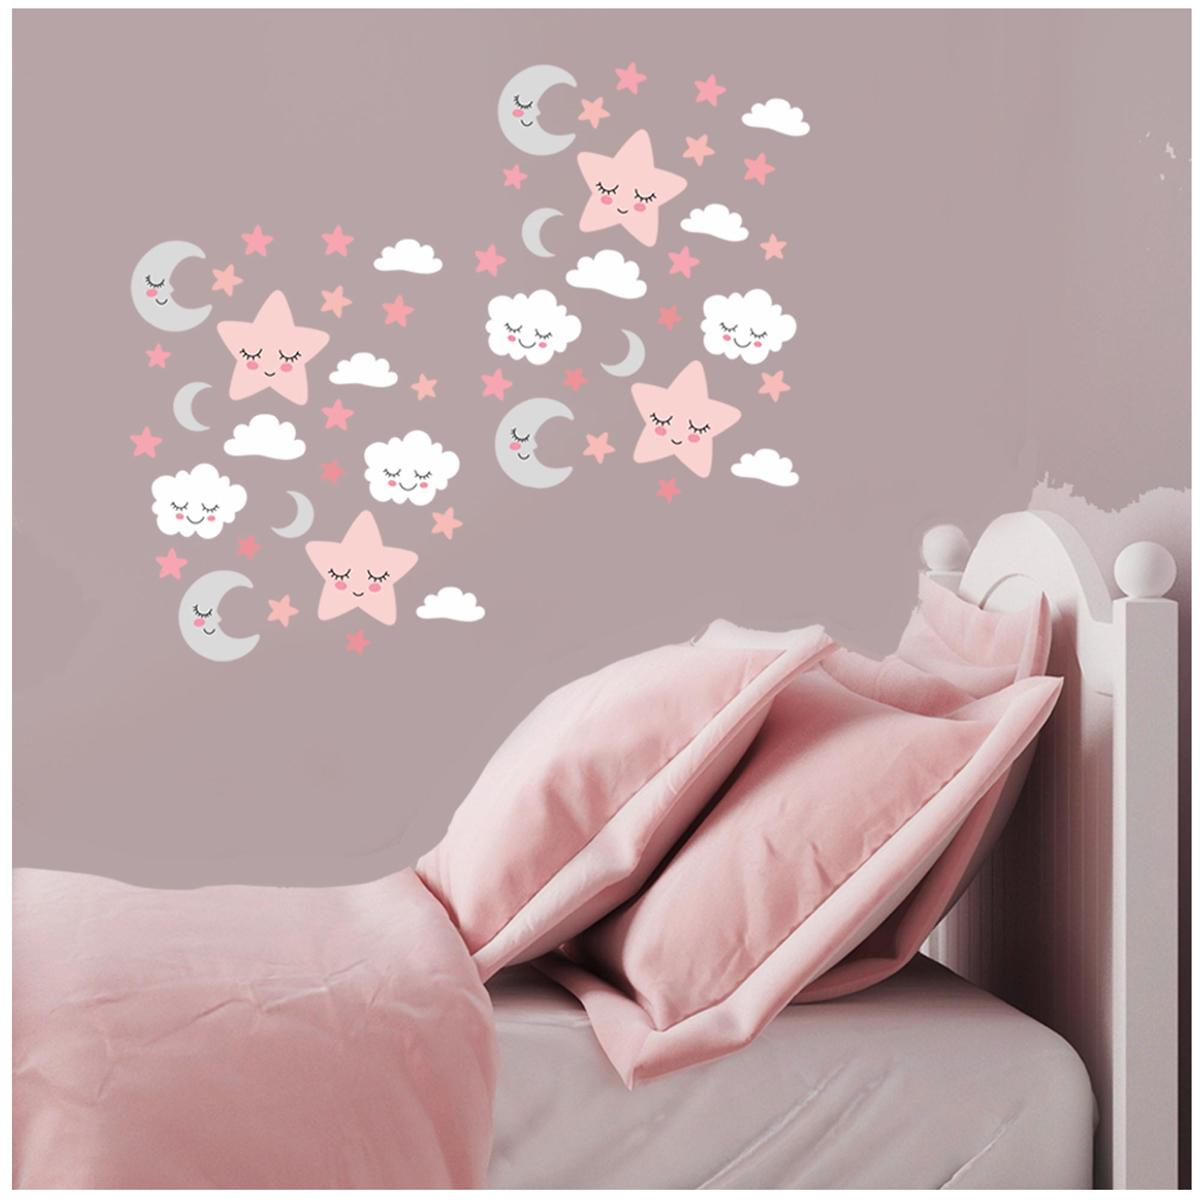 3 planche de stickers \'Etoile Nuage Lune\' rose blanc gris - 30x13 cm - [R3419]